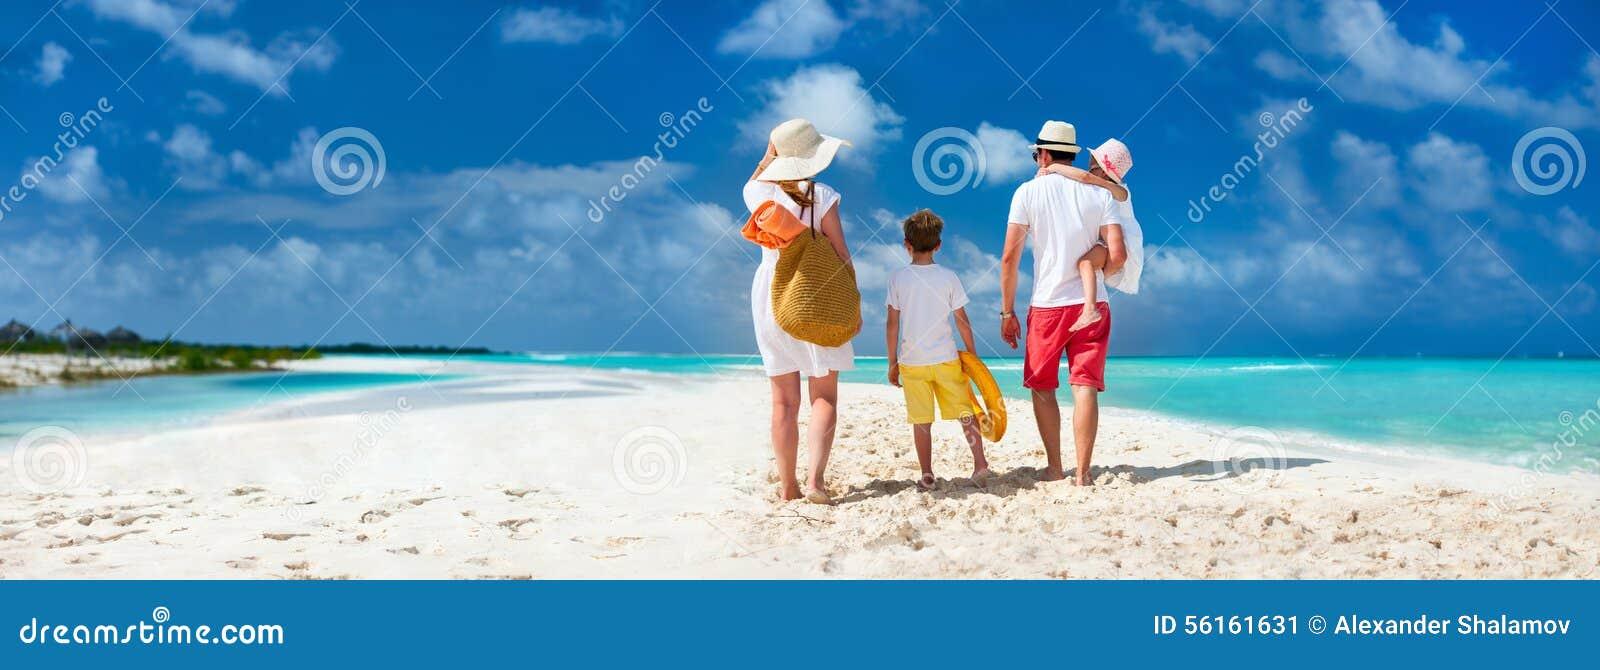 Familie mit Kindern auf Strandferien